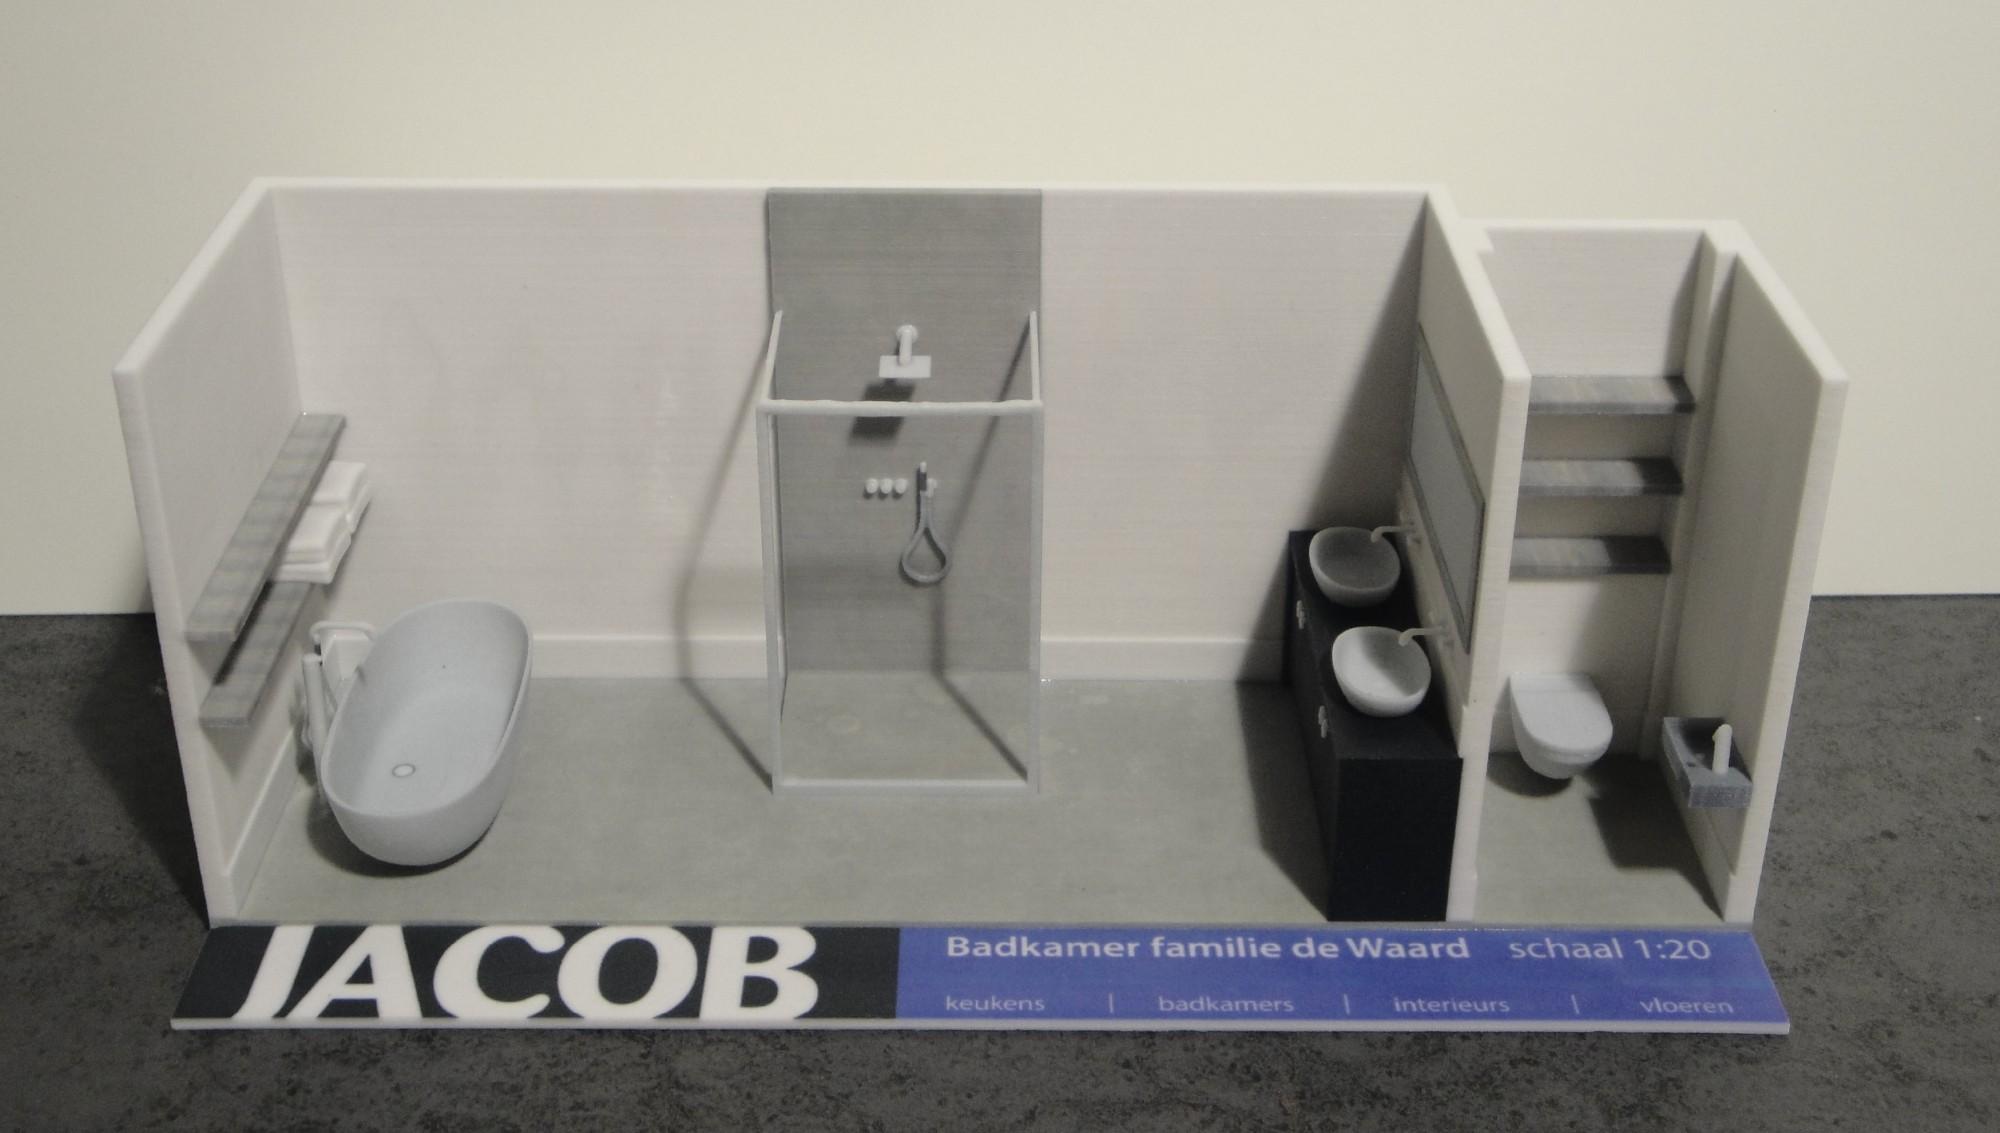 JACOB | JACOB heeft wereld primeur met 3d-print badkamer - JACOB